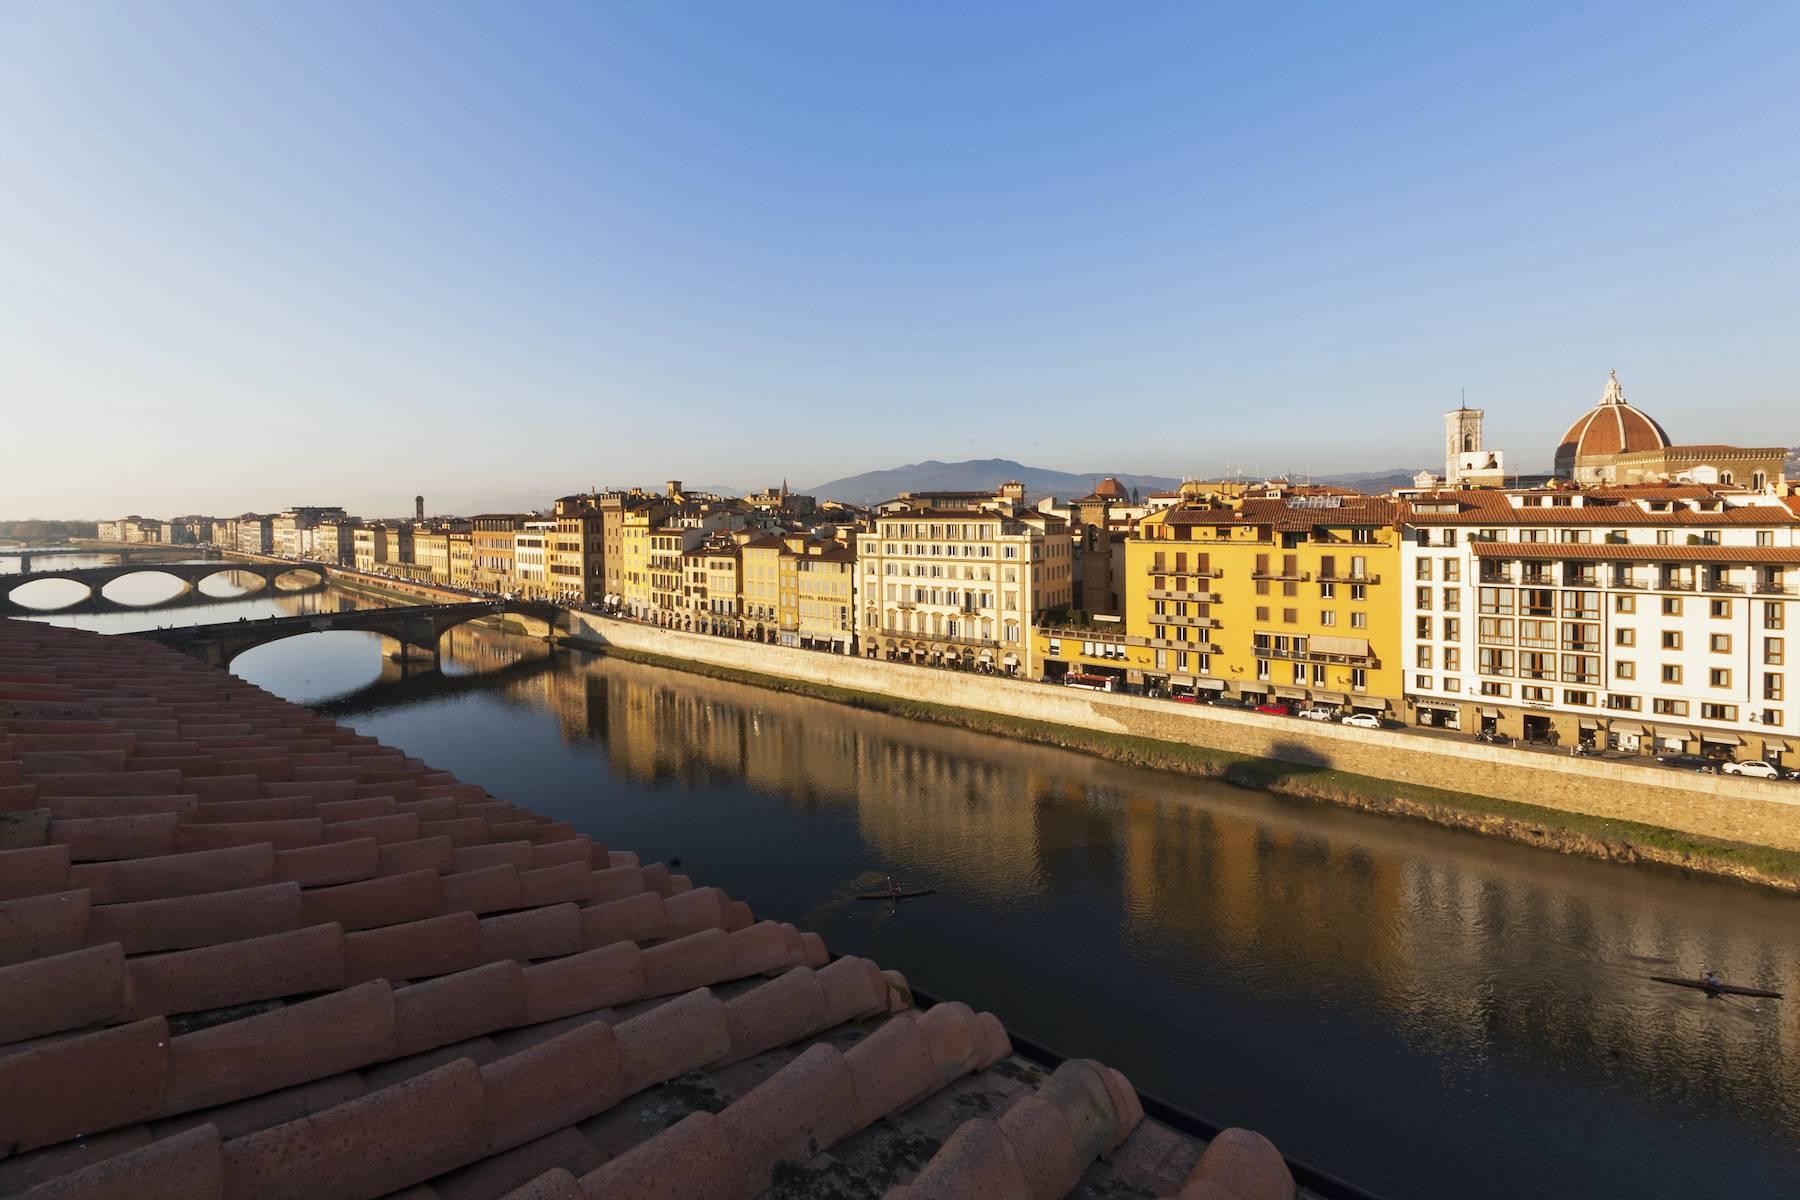 Attico in Affitto a Firenze: 5 locali, 125 mq - Foto 5